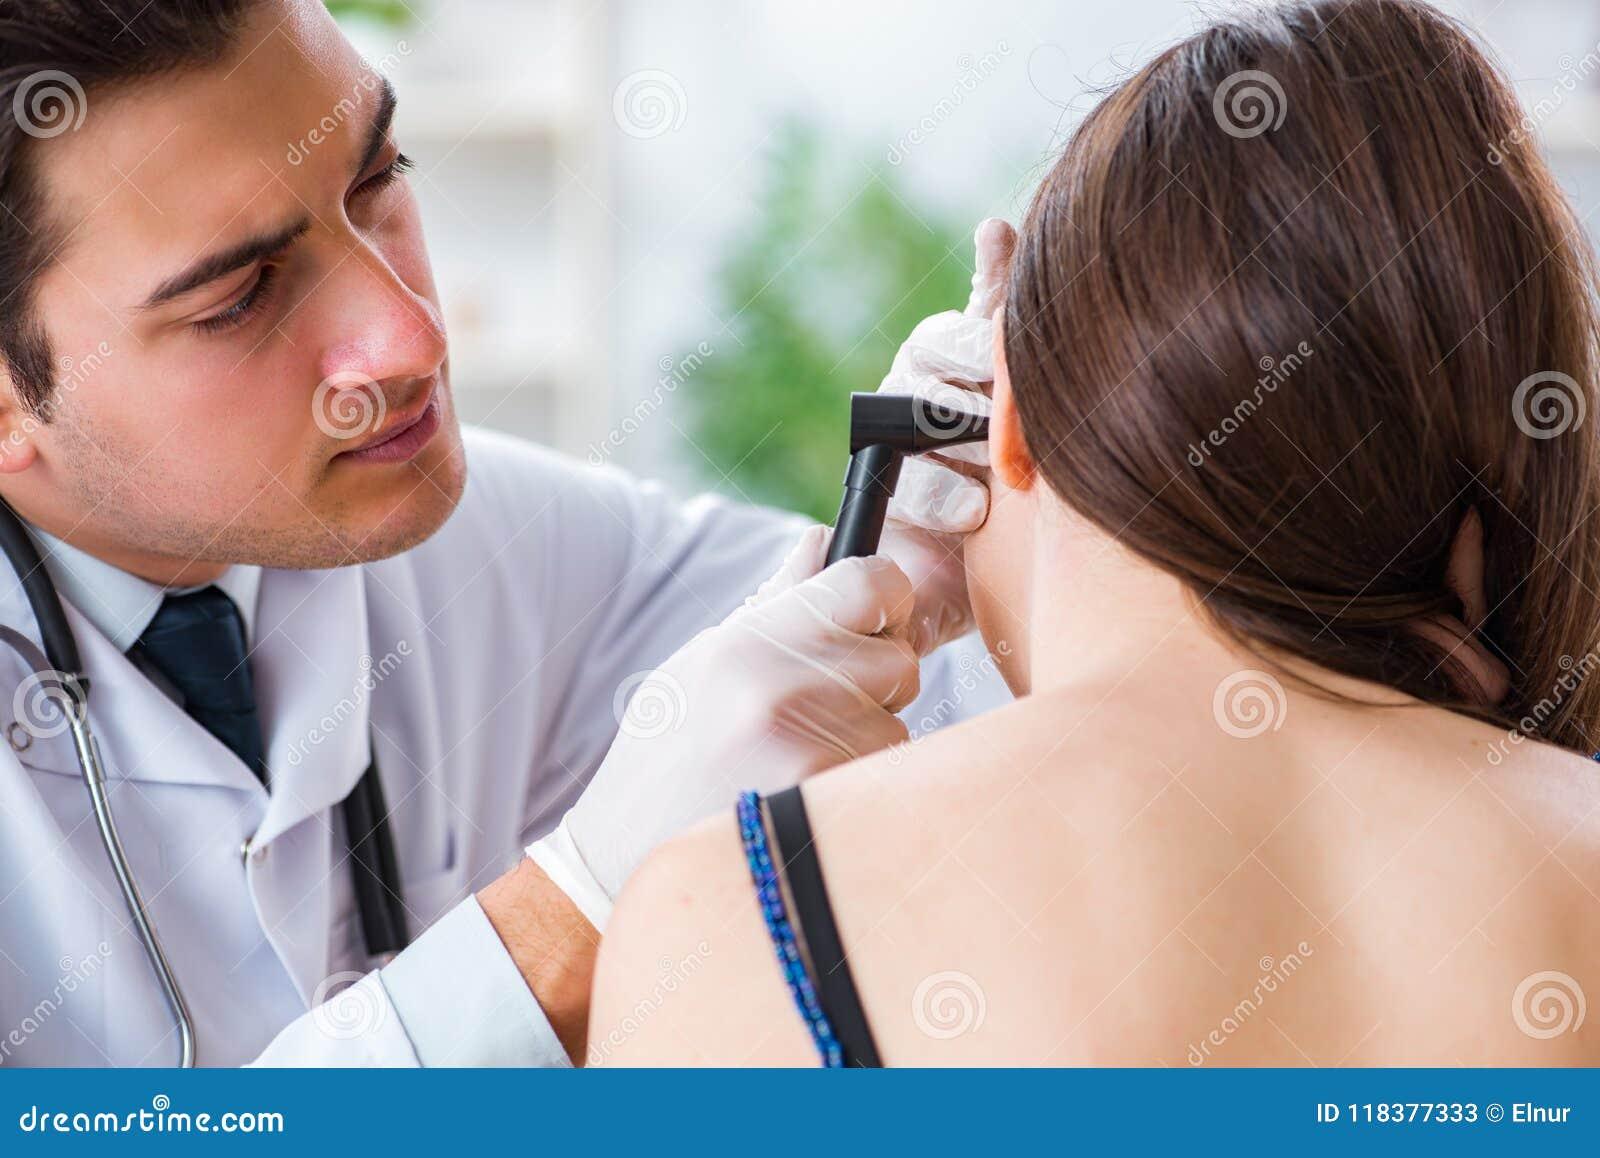 De arts die patiëntenoor controleren tijdens algemeen medisch onderzoek